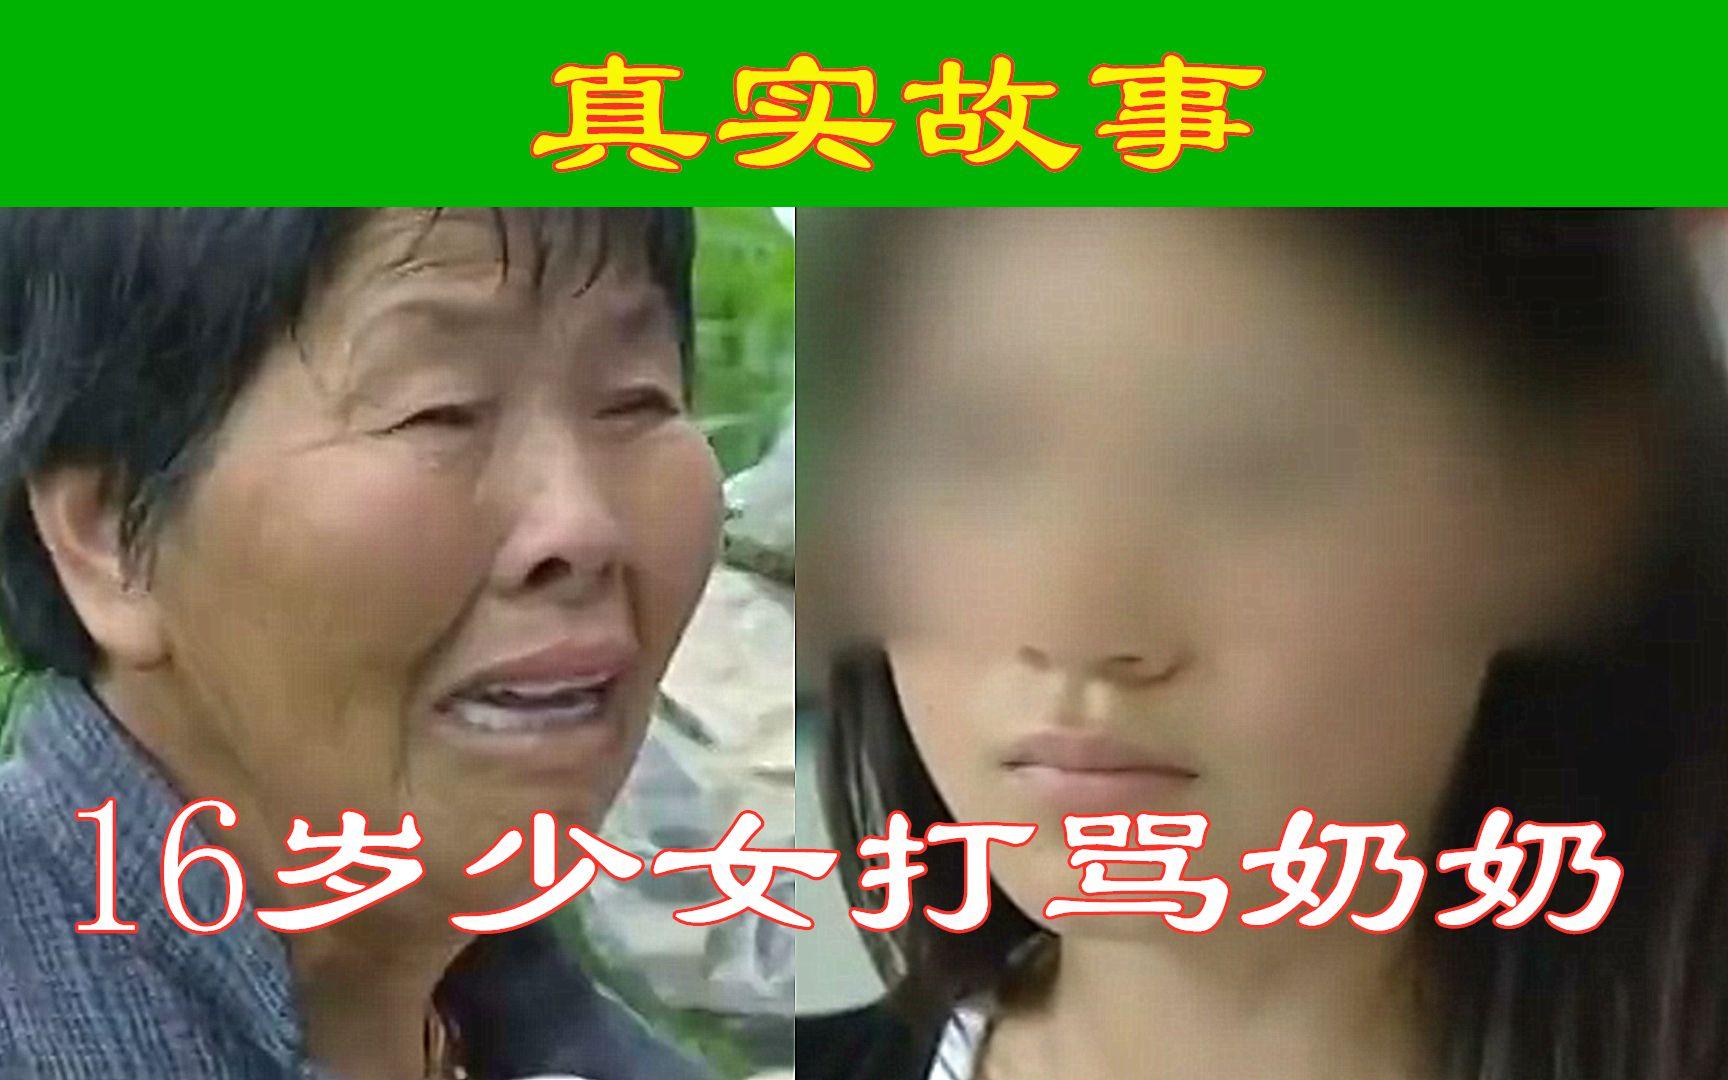 16岁少女打骂奶奶,还要分家产,没想到自己是个弃婴,纪录片